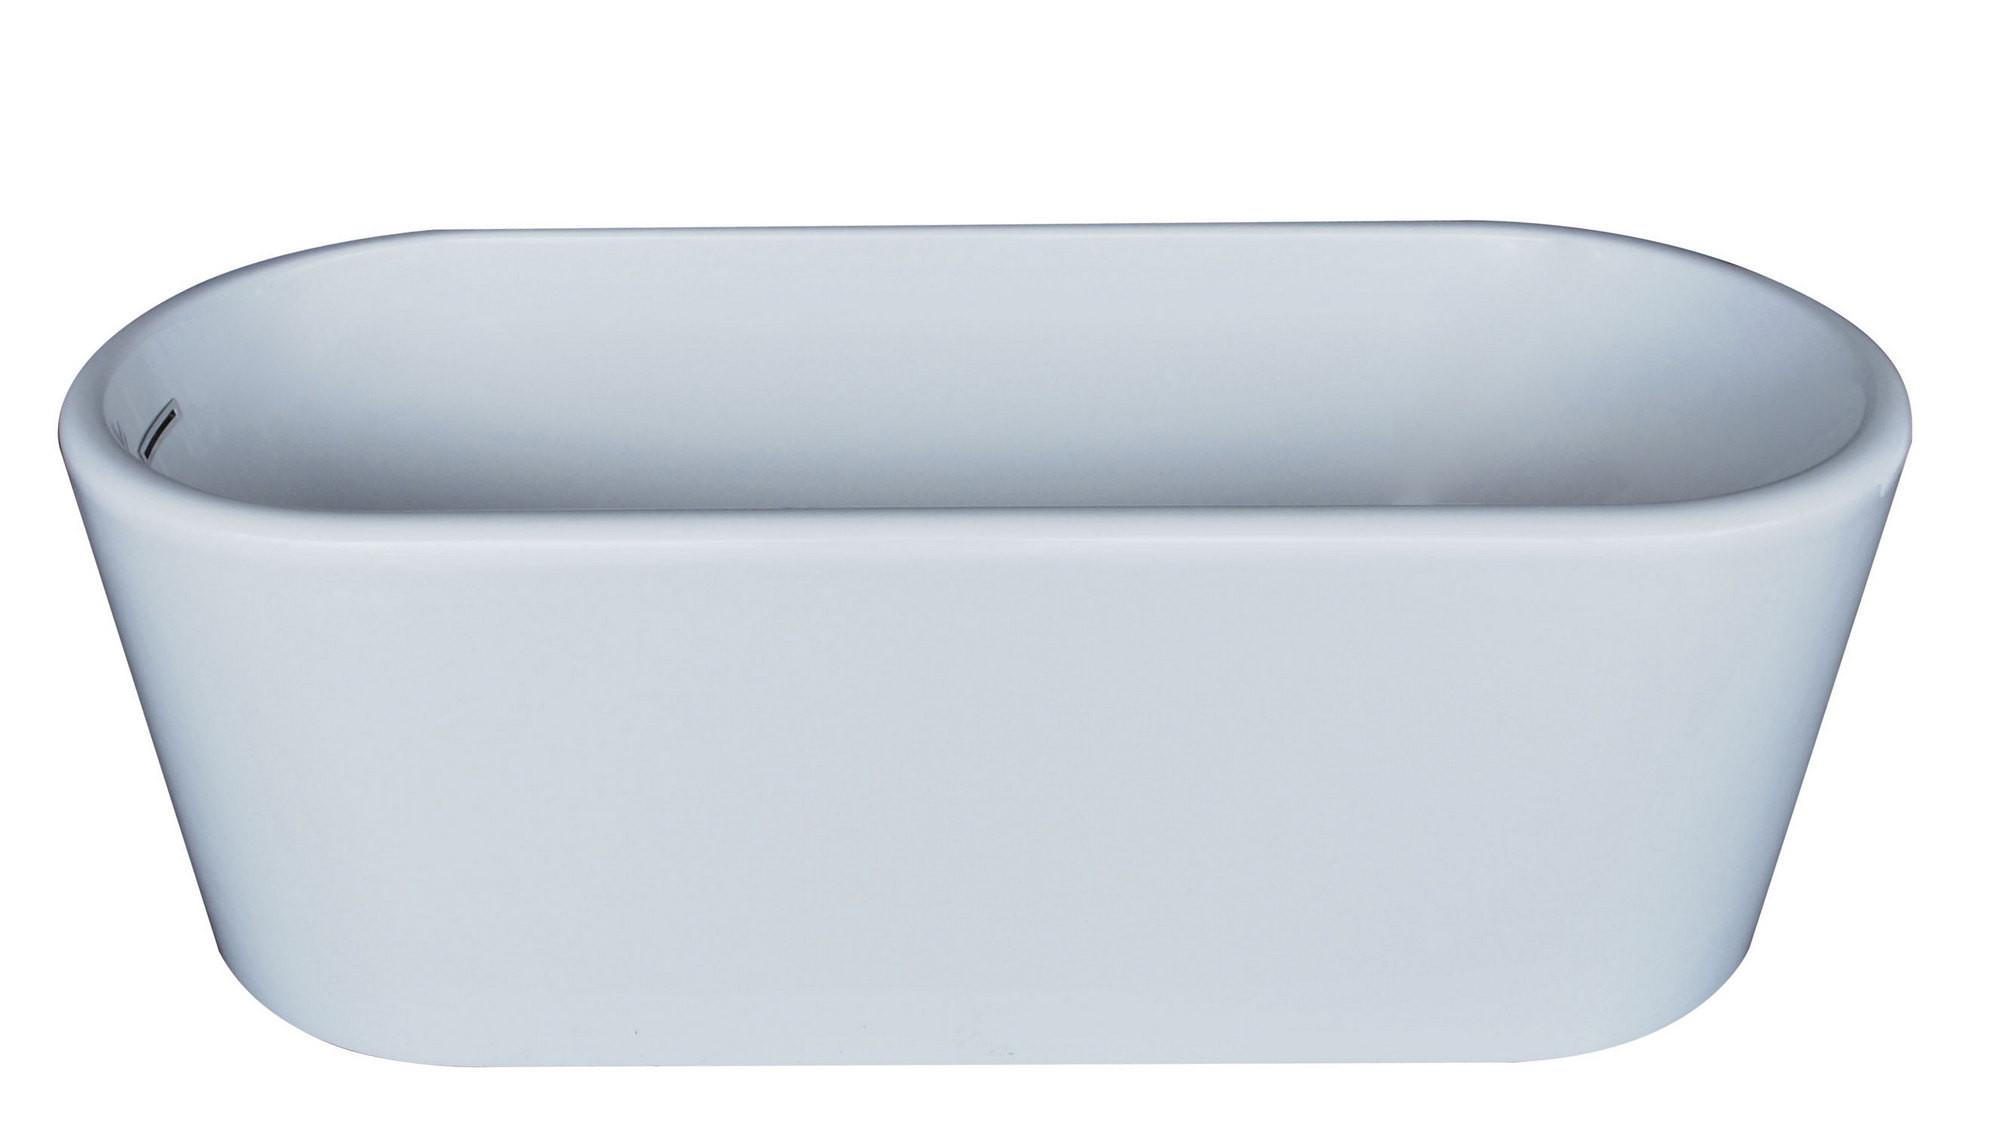 MediTub 6728ENSXCWXX Atlantis Whirlpools Enza 28 x 67 Oval Acrylic Bathtub